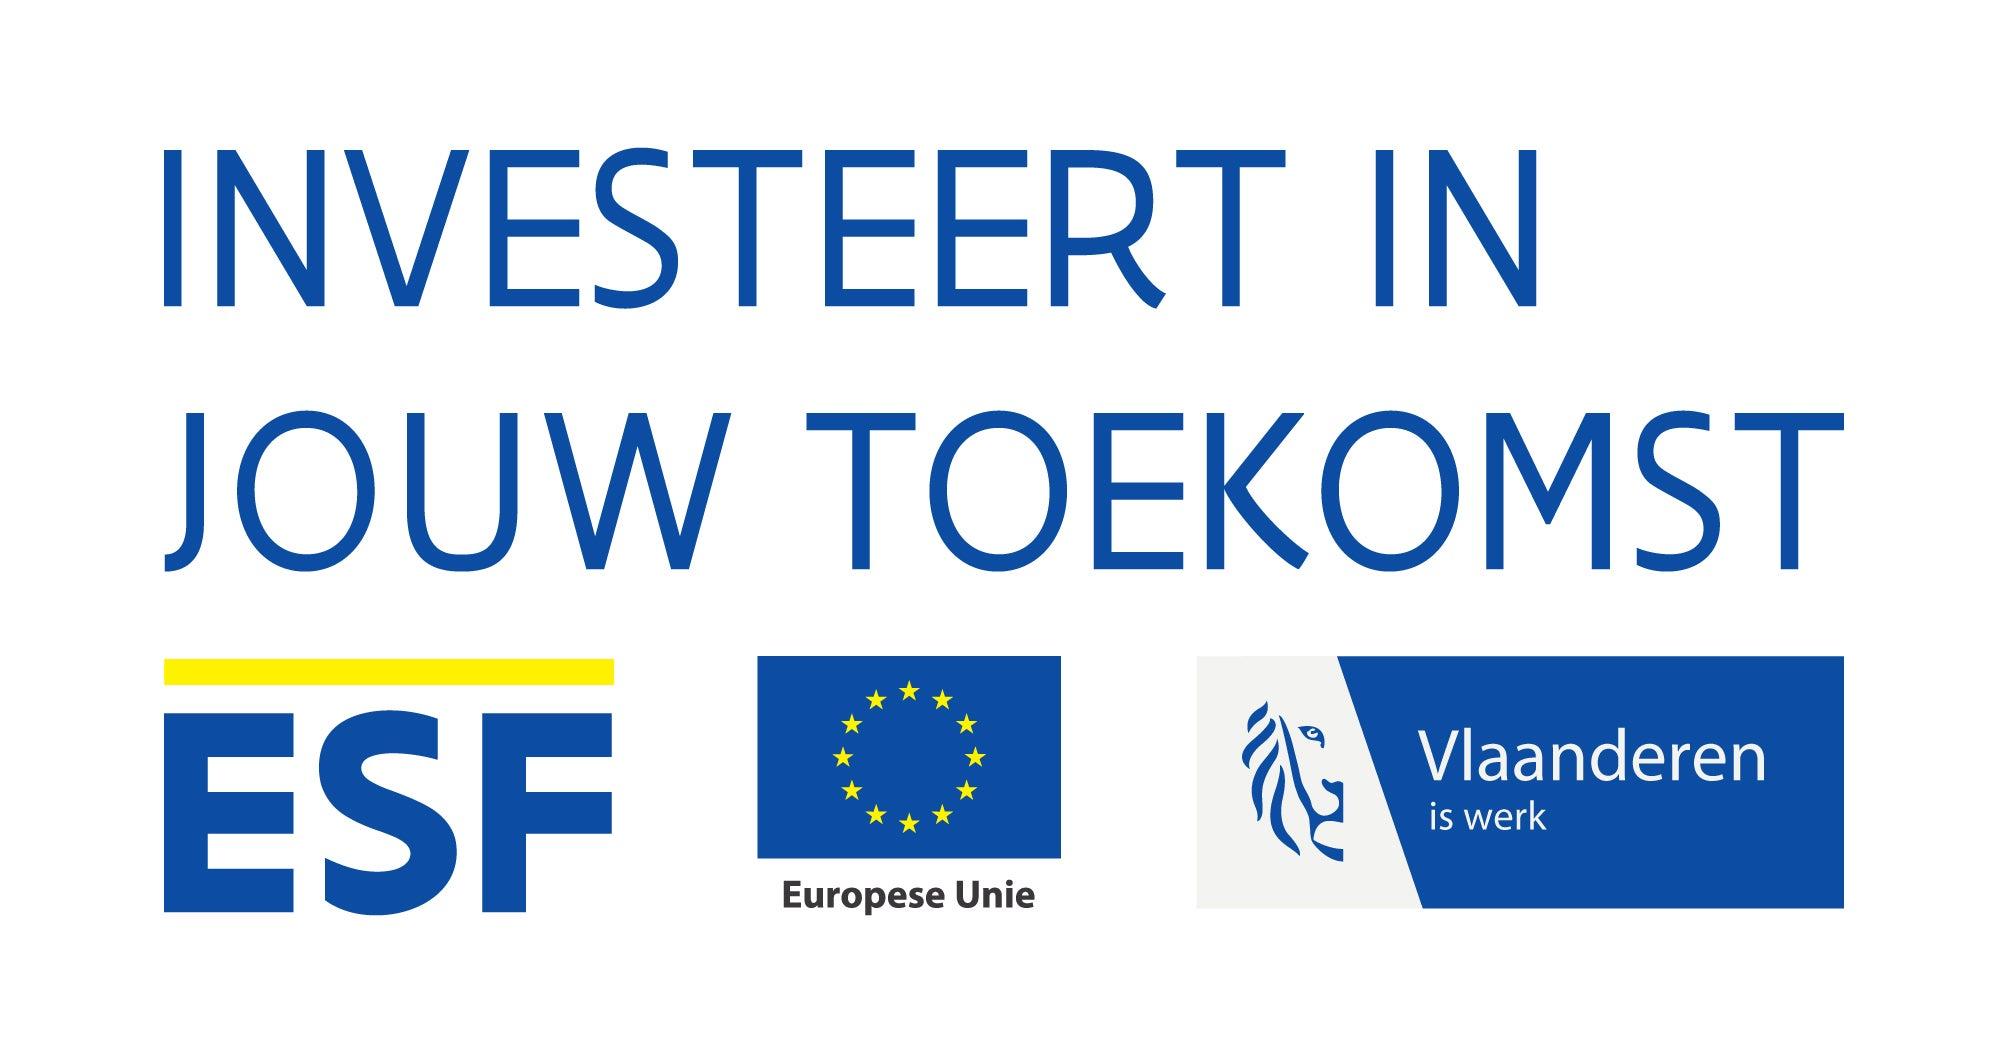 ESF investeert in jouw toekomst